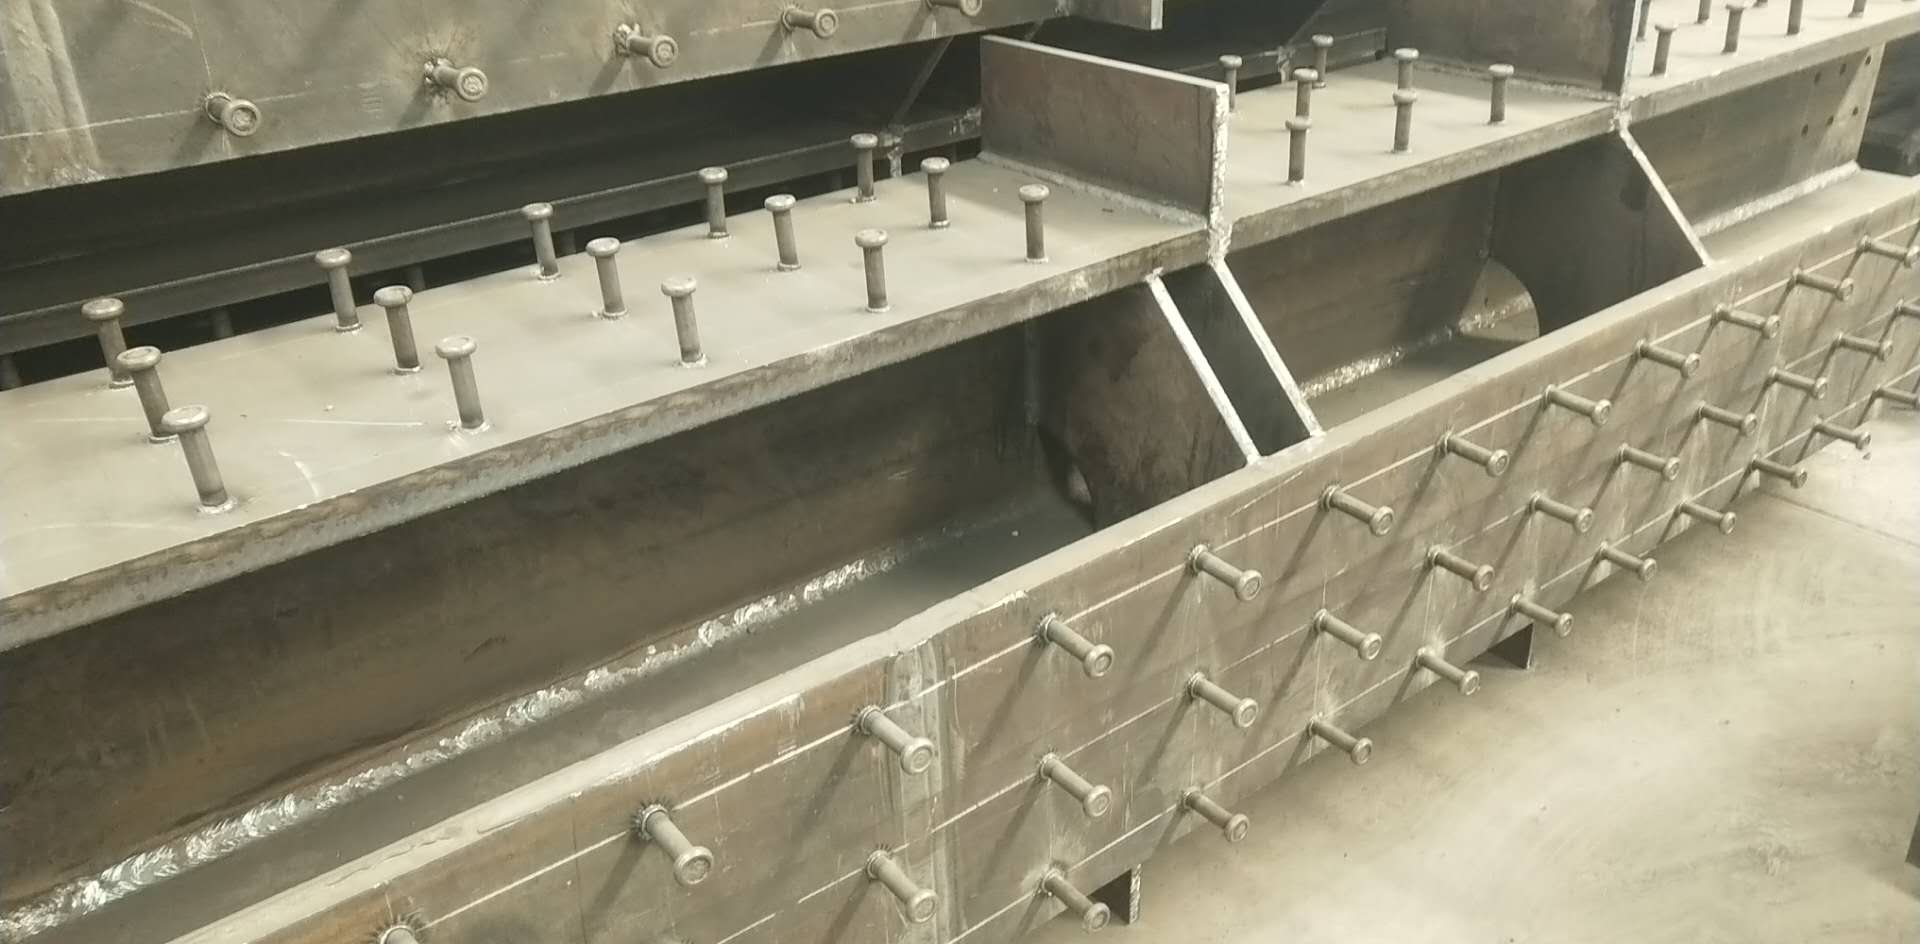 榆林钢结构|东胜钢结构|乌海钢结构|包头钢结构|内蒙古远拓钢结构工程有限公司